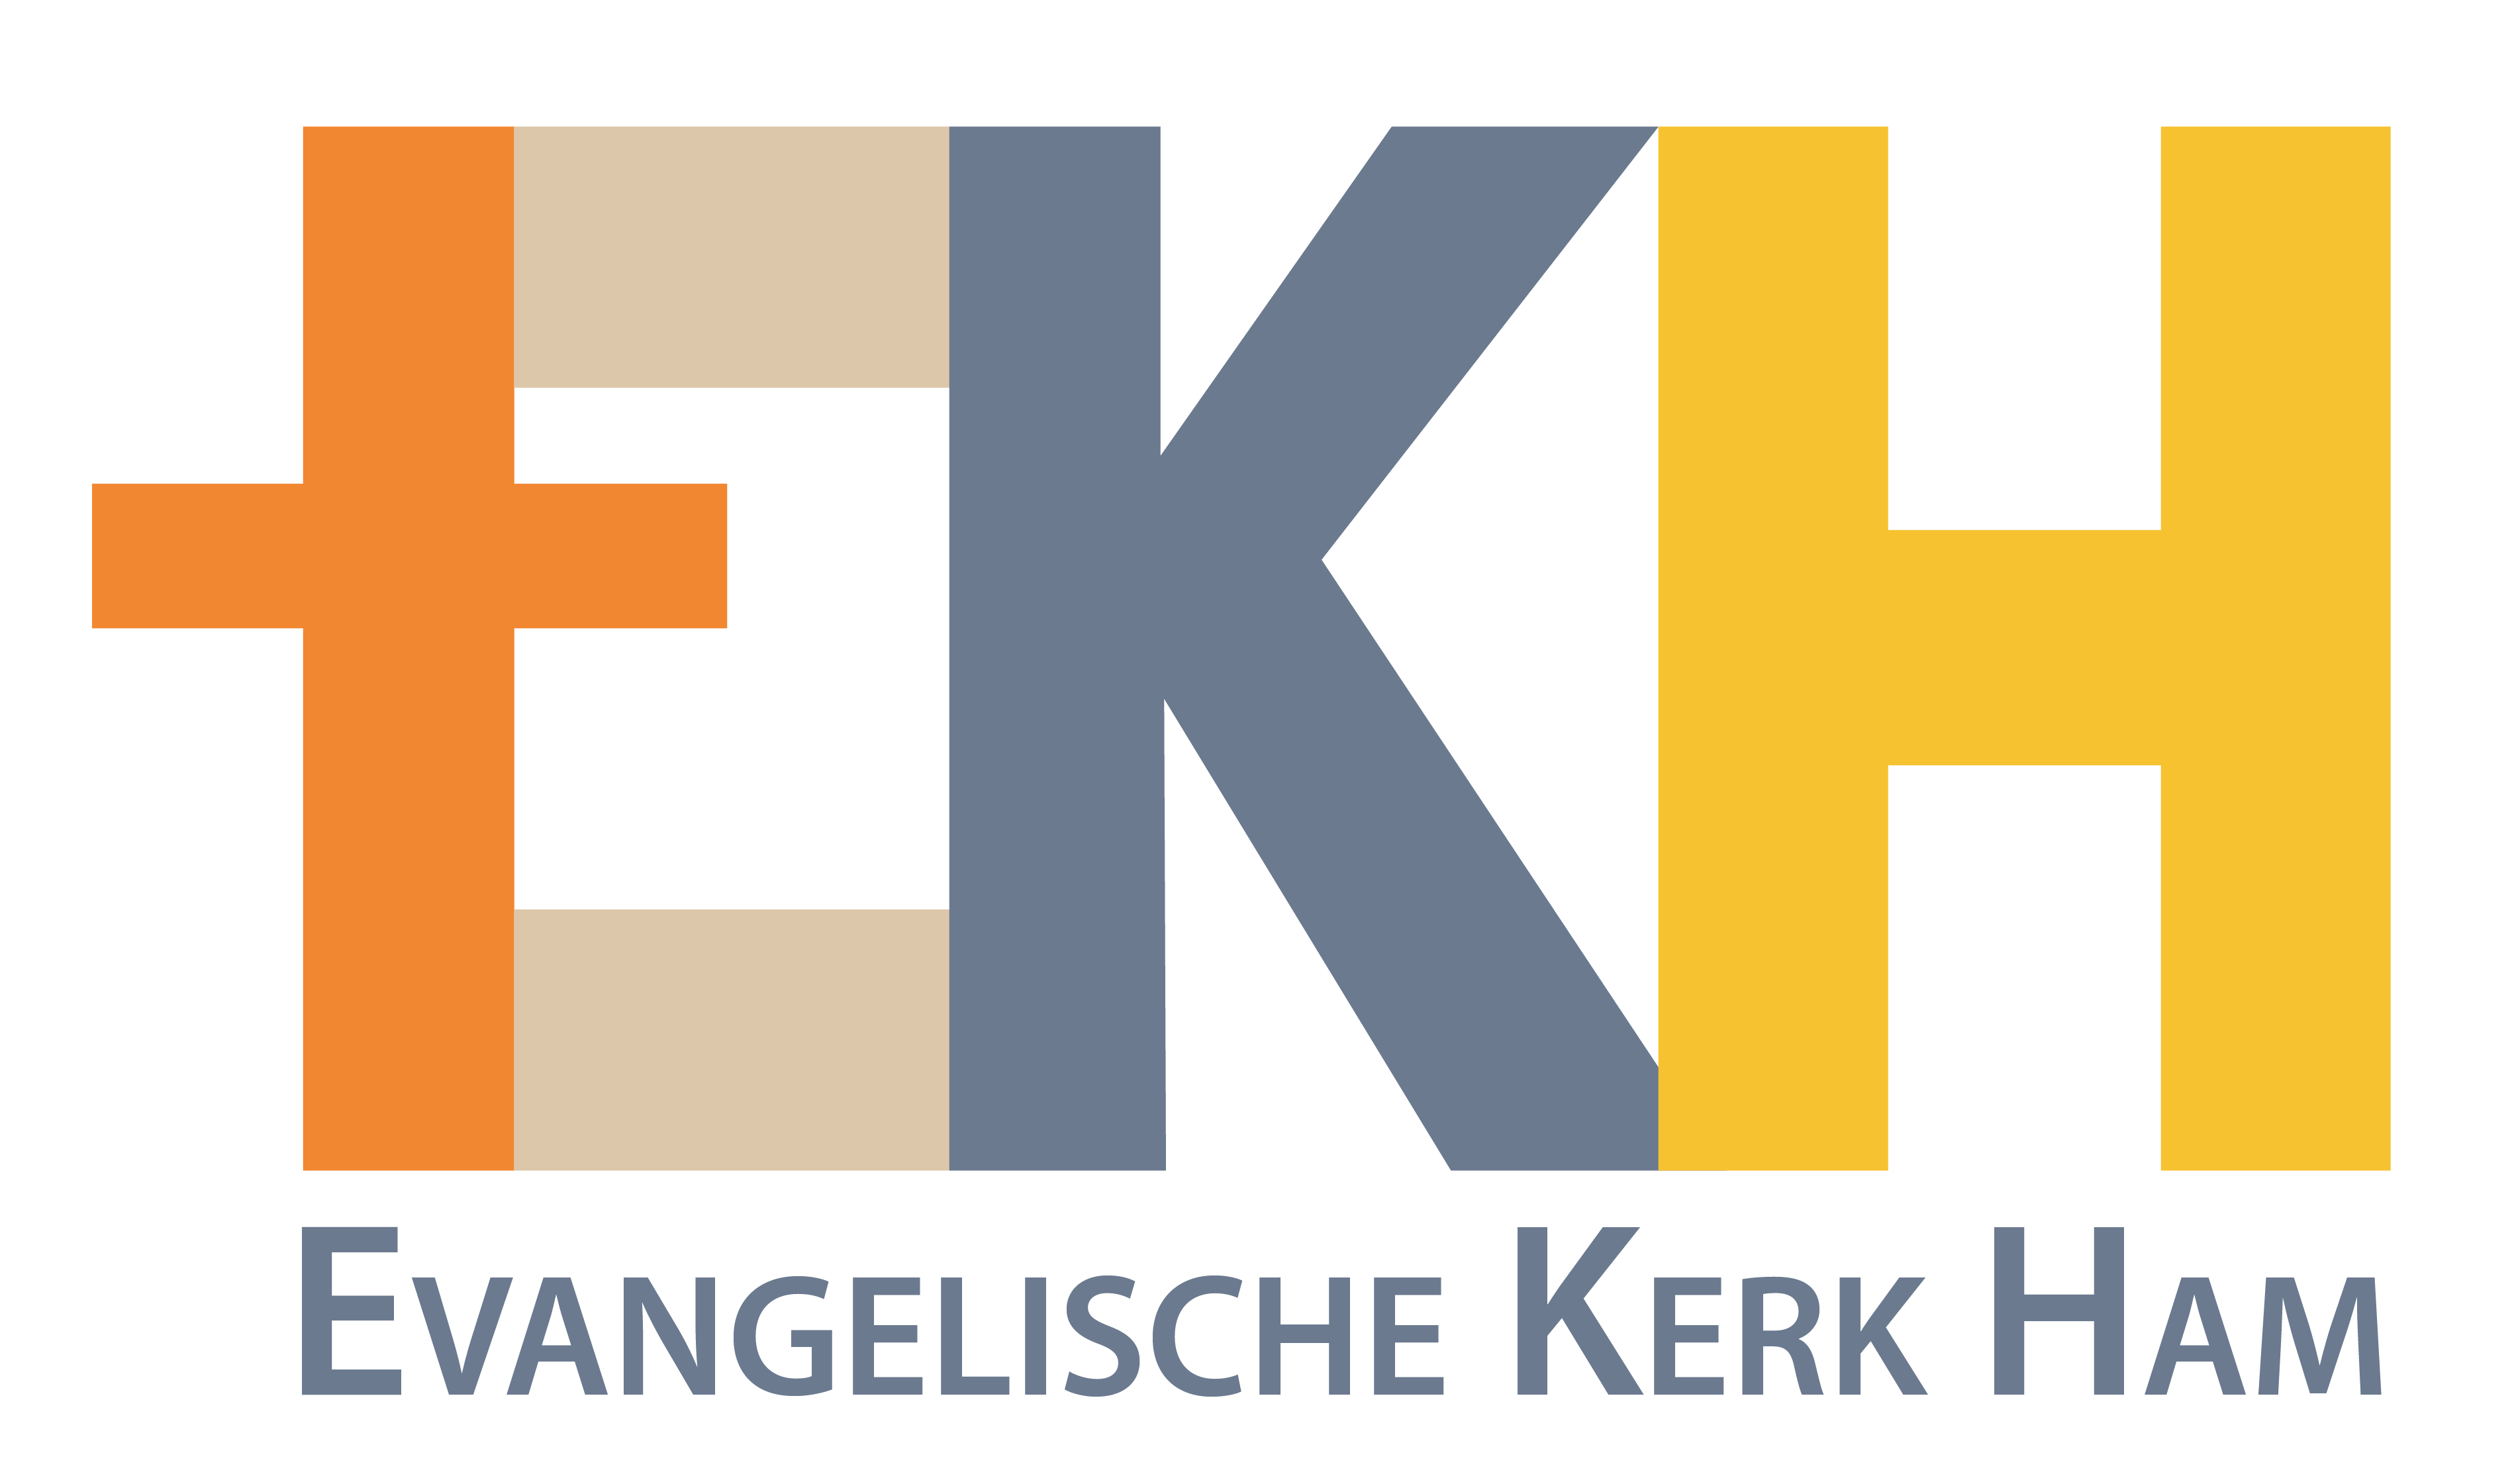 Evangelische Kerk Ham